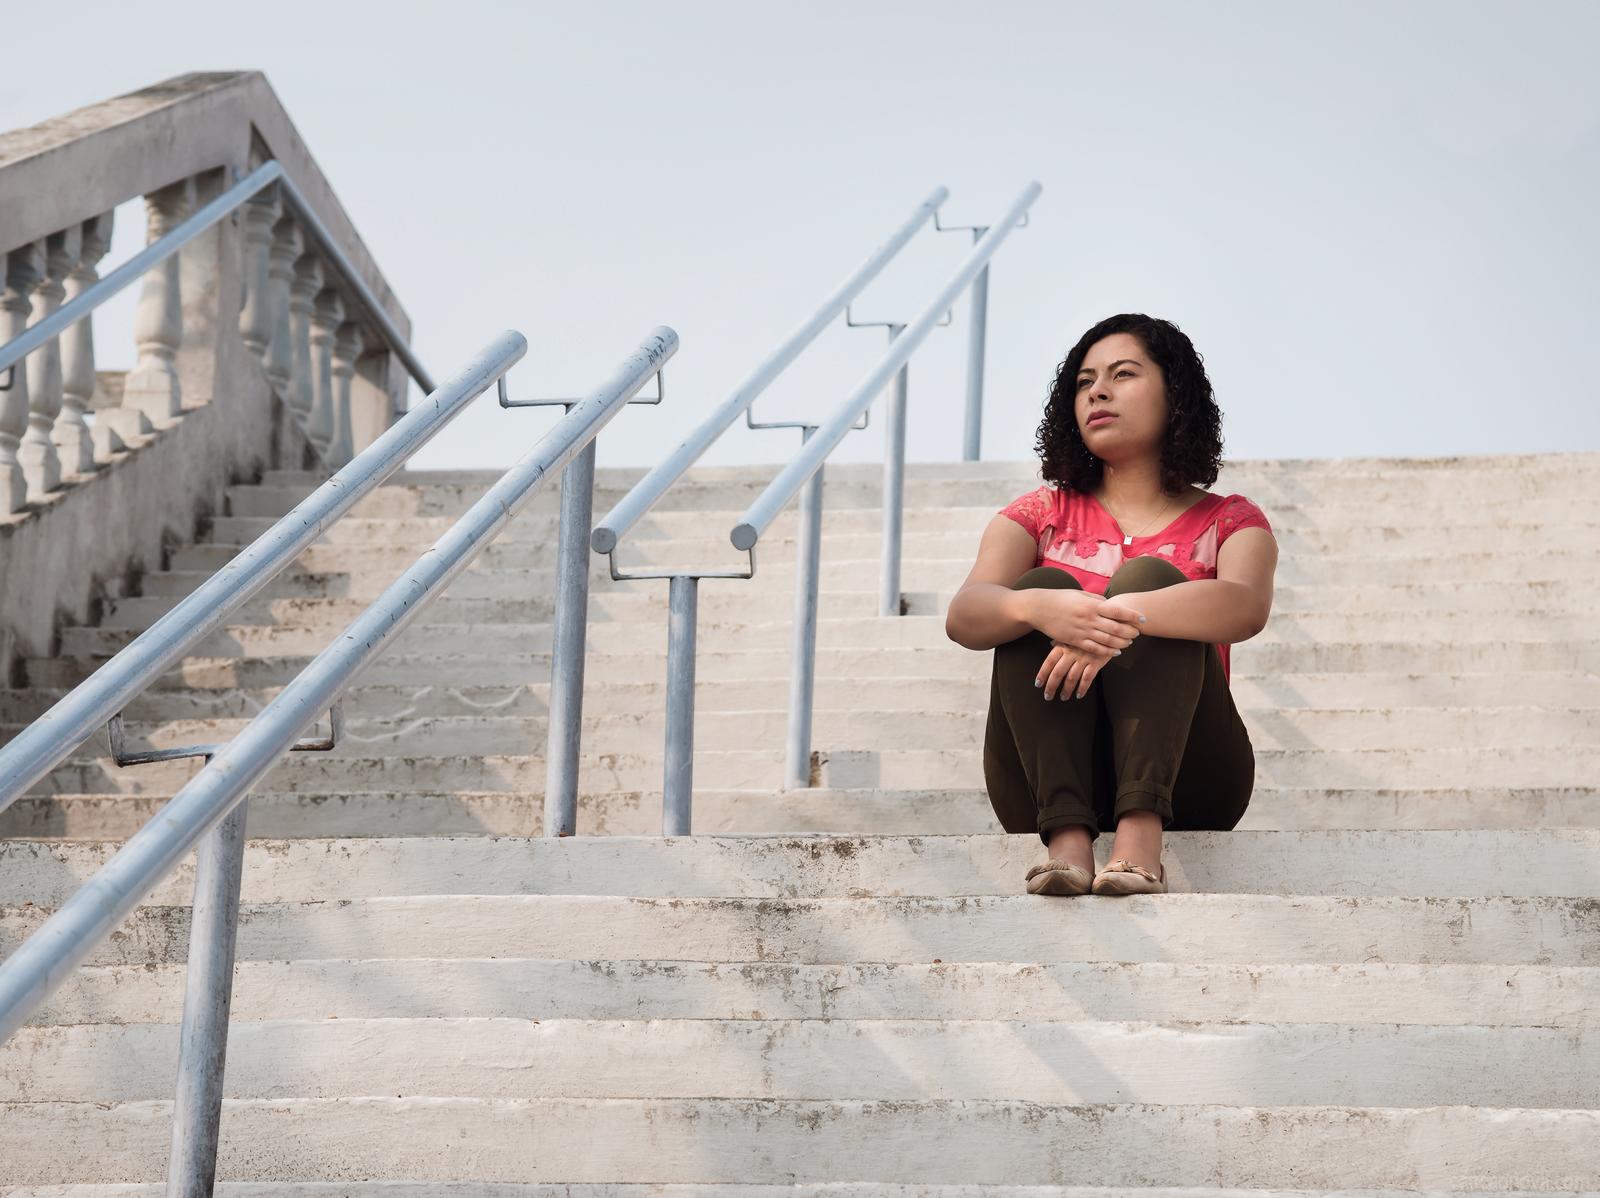 Sofrimento: escada para o crescimento